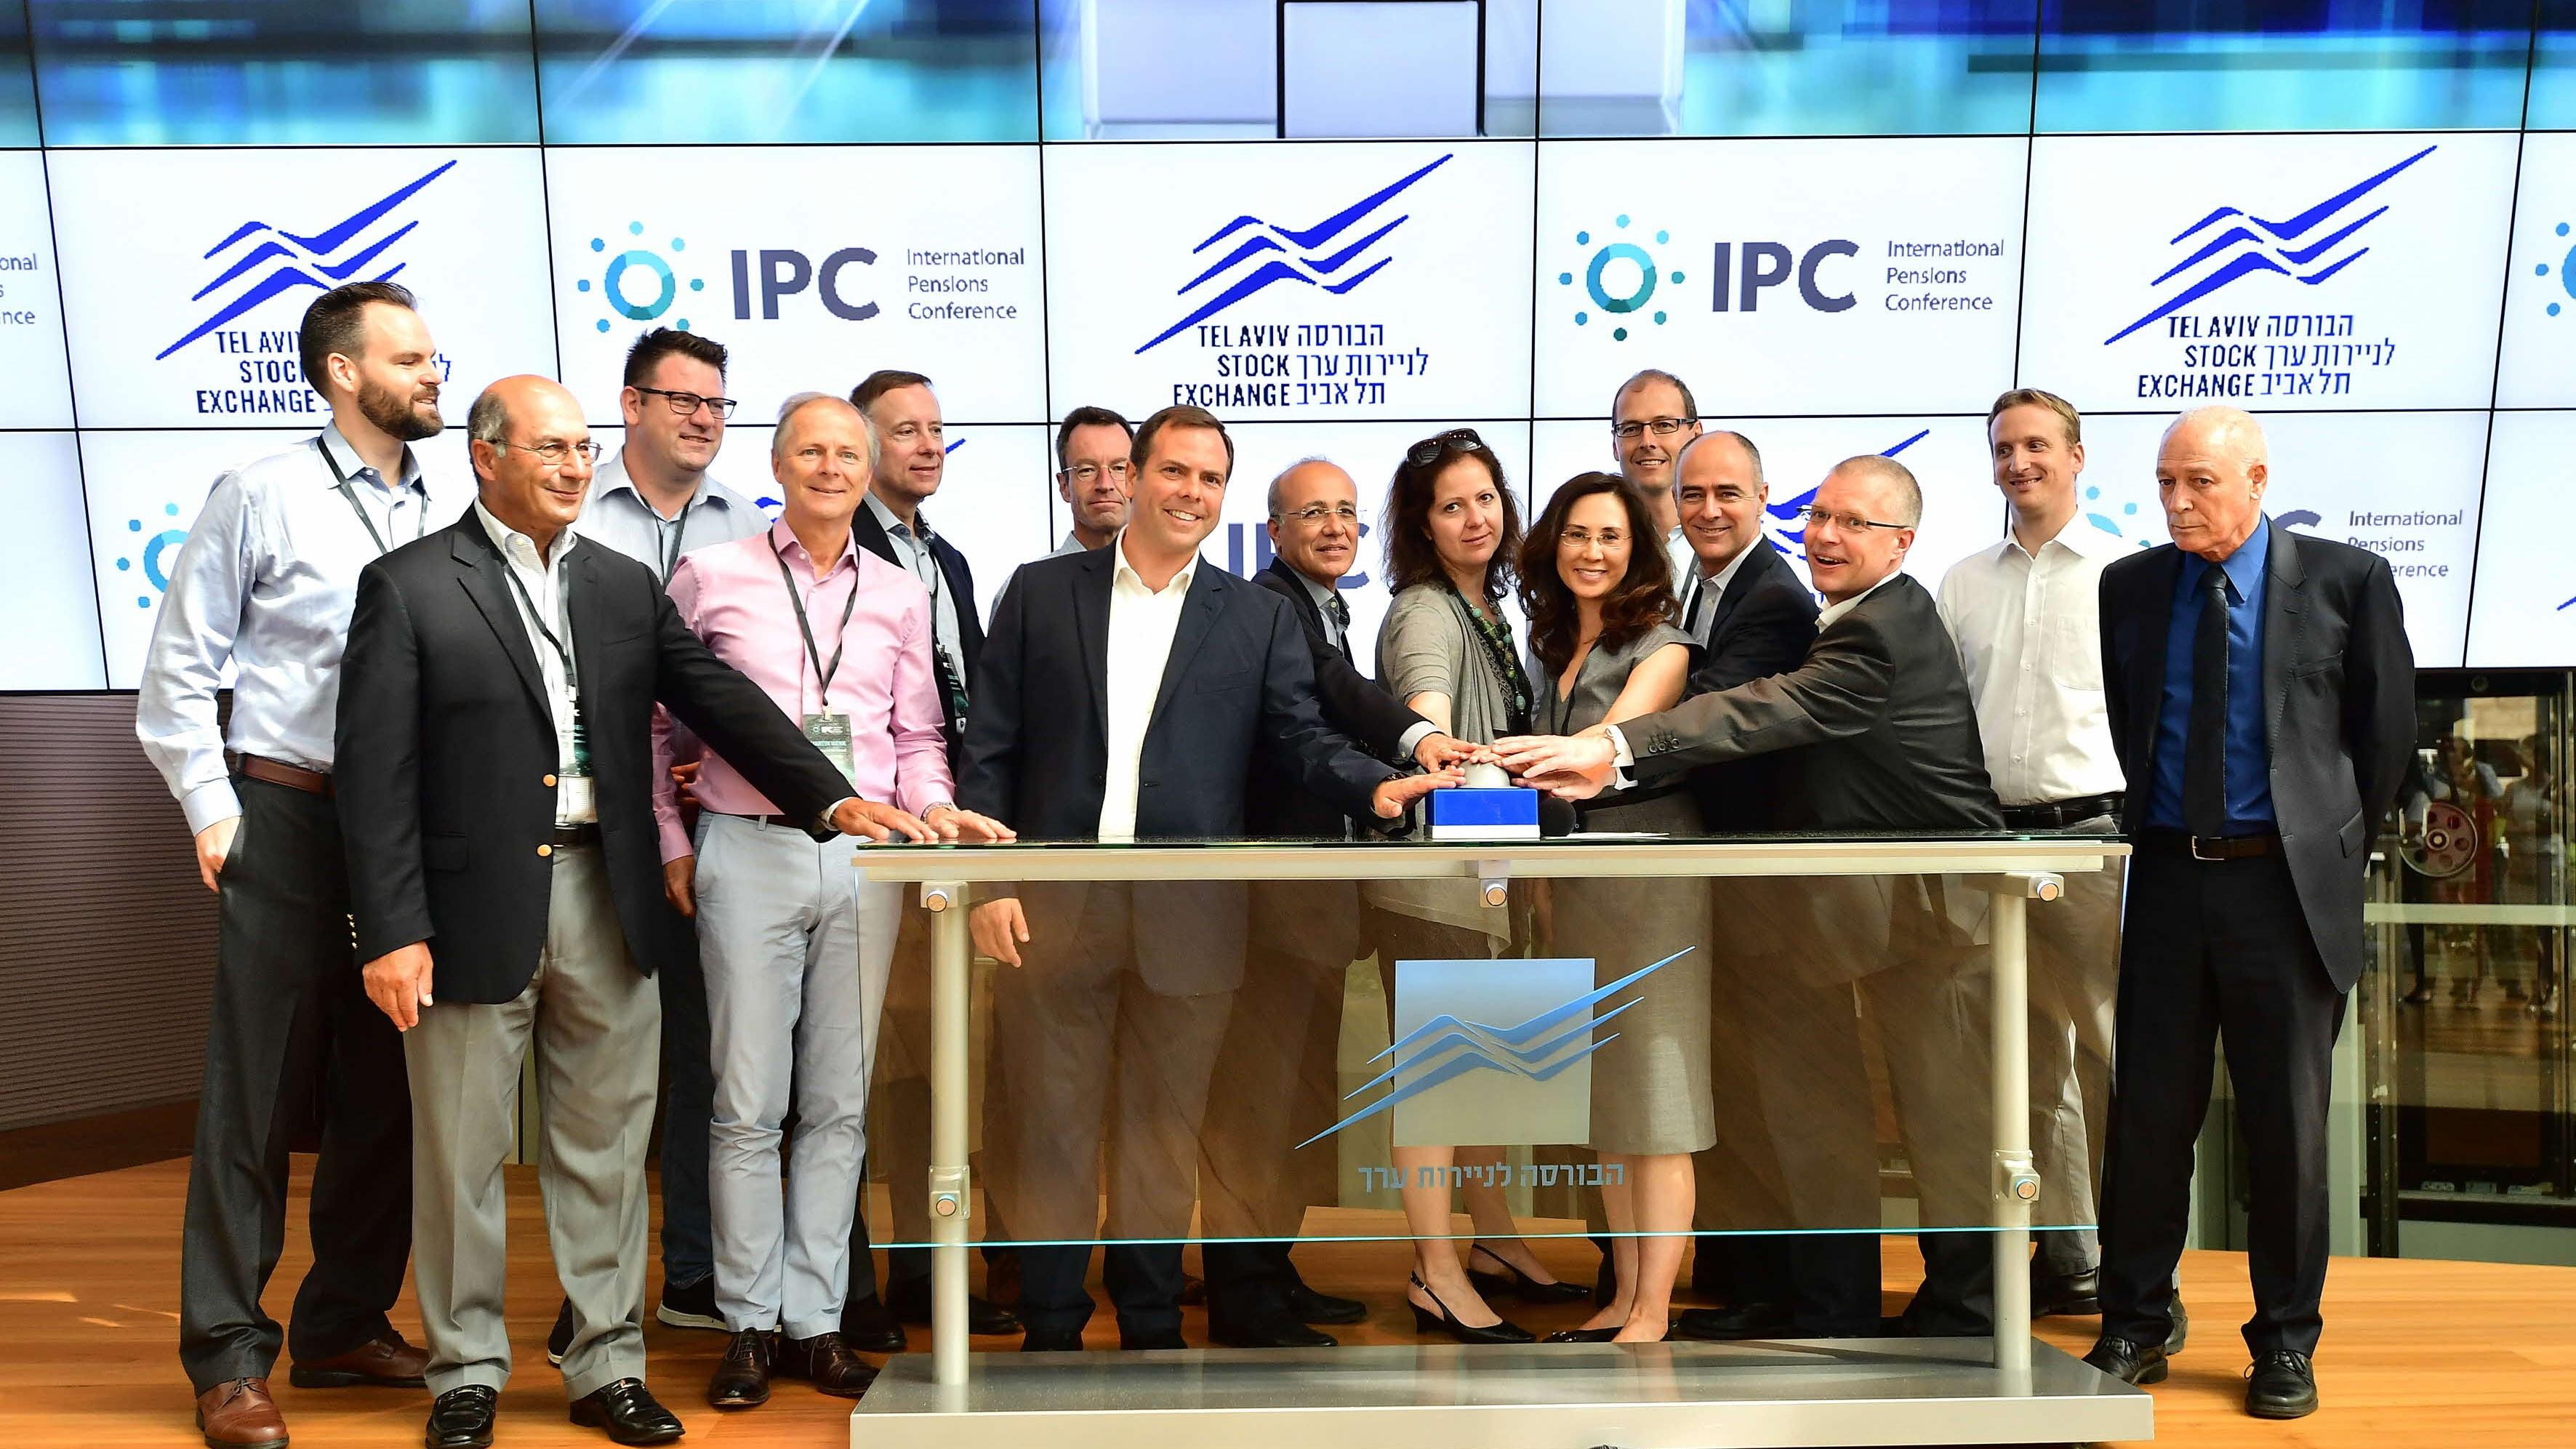 חברי ארגון קרנות הפנסיה הבינלאומי עורכים את הכנס השנתי שלהם בישראל